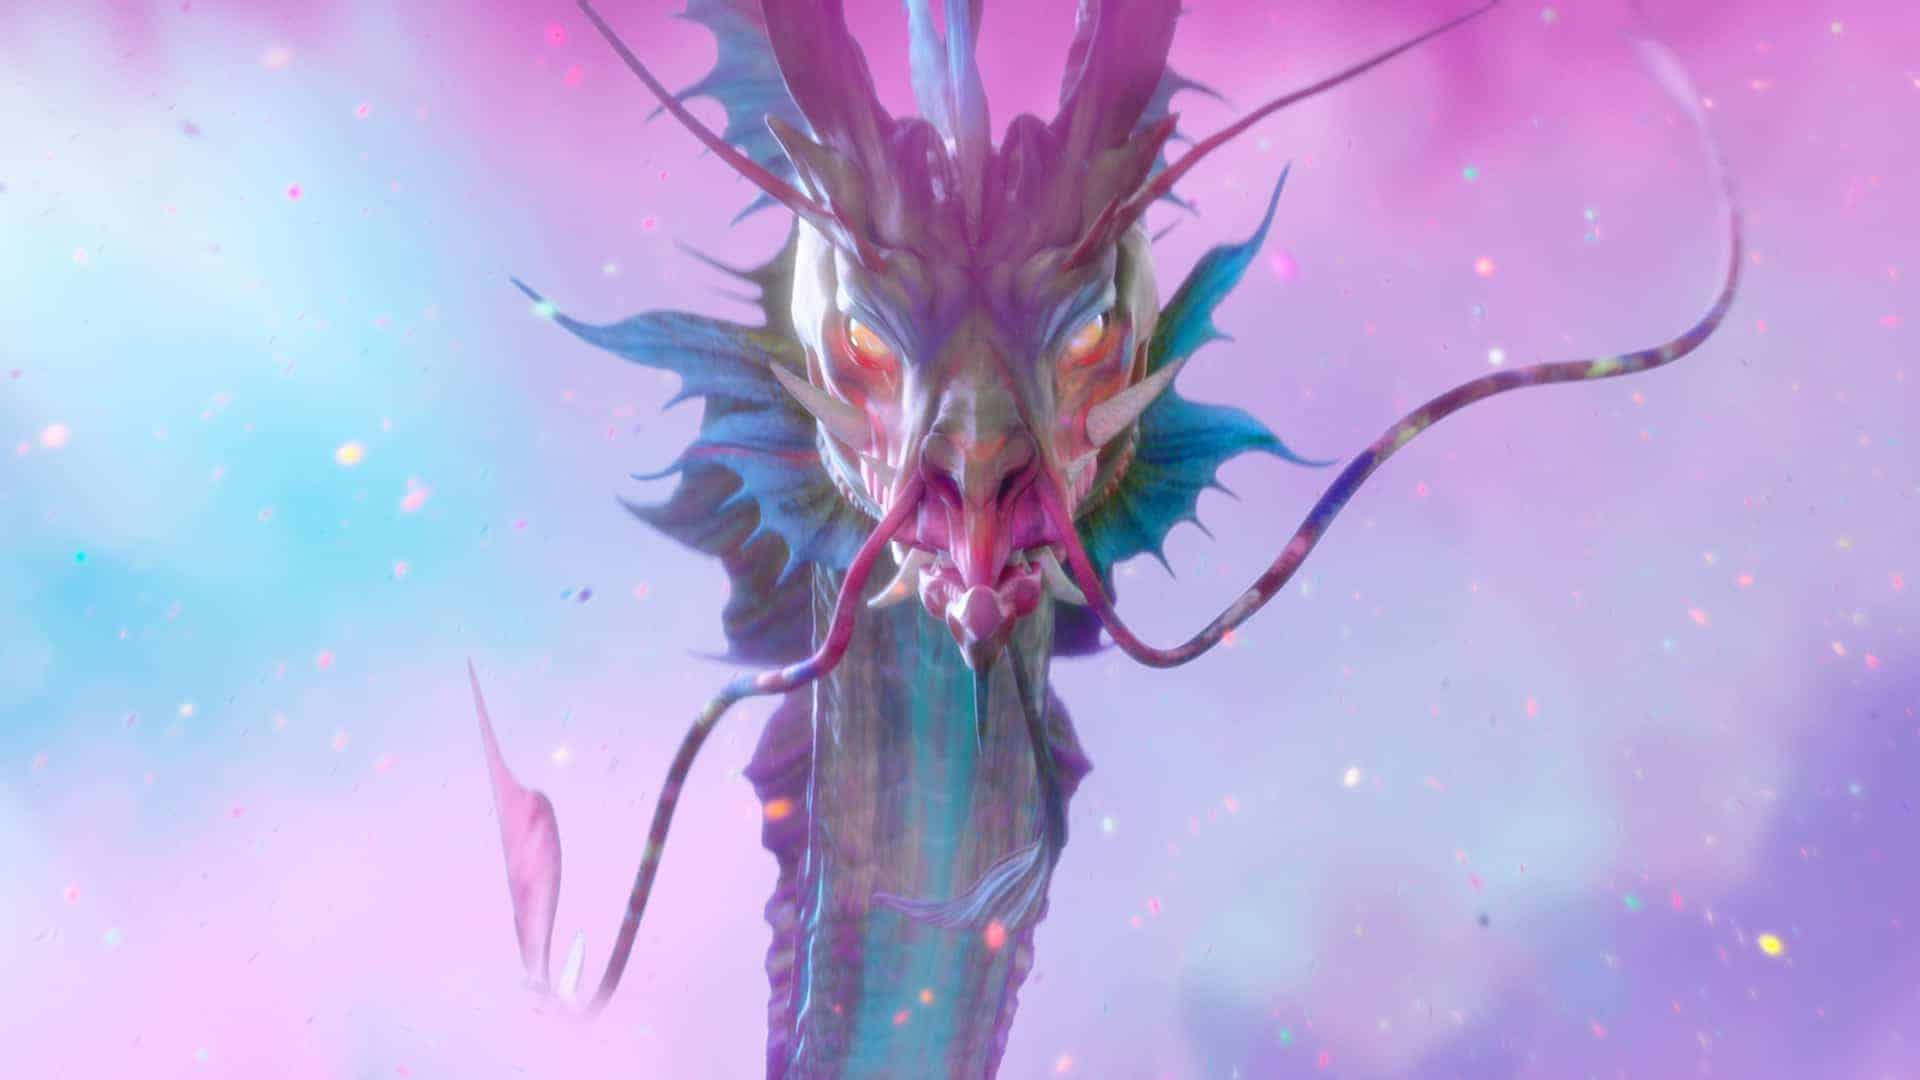 Guild Wars 2: End of Dragons Trailer 9